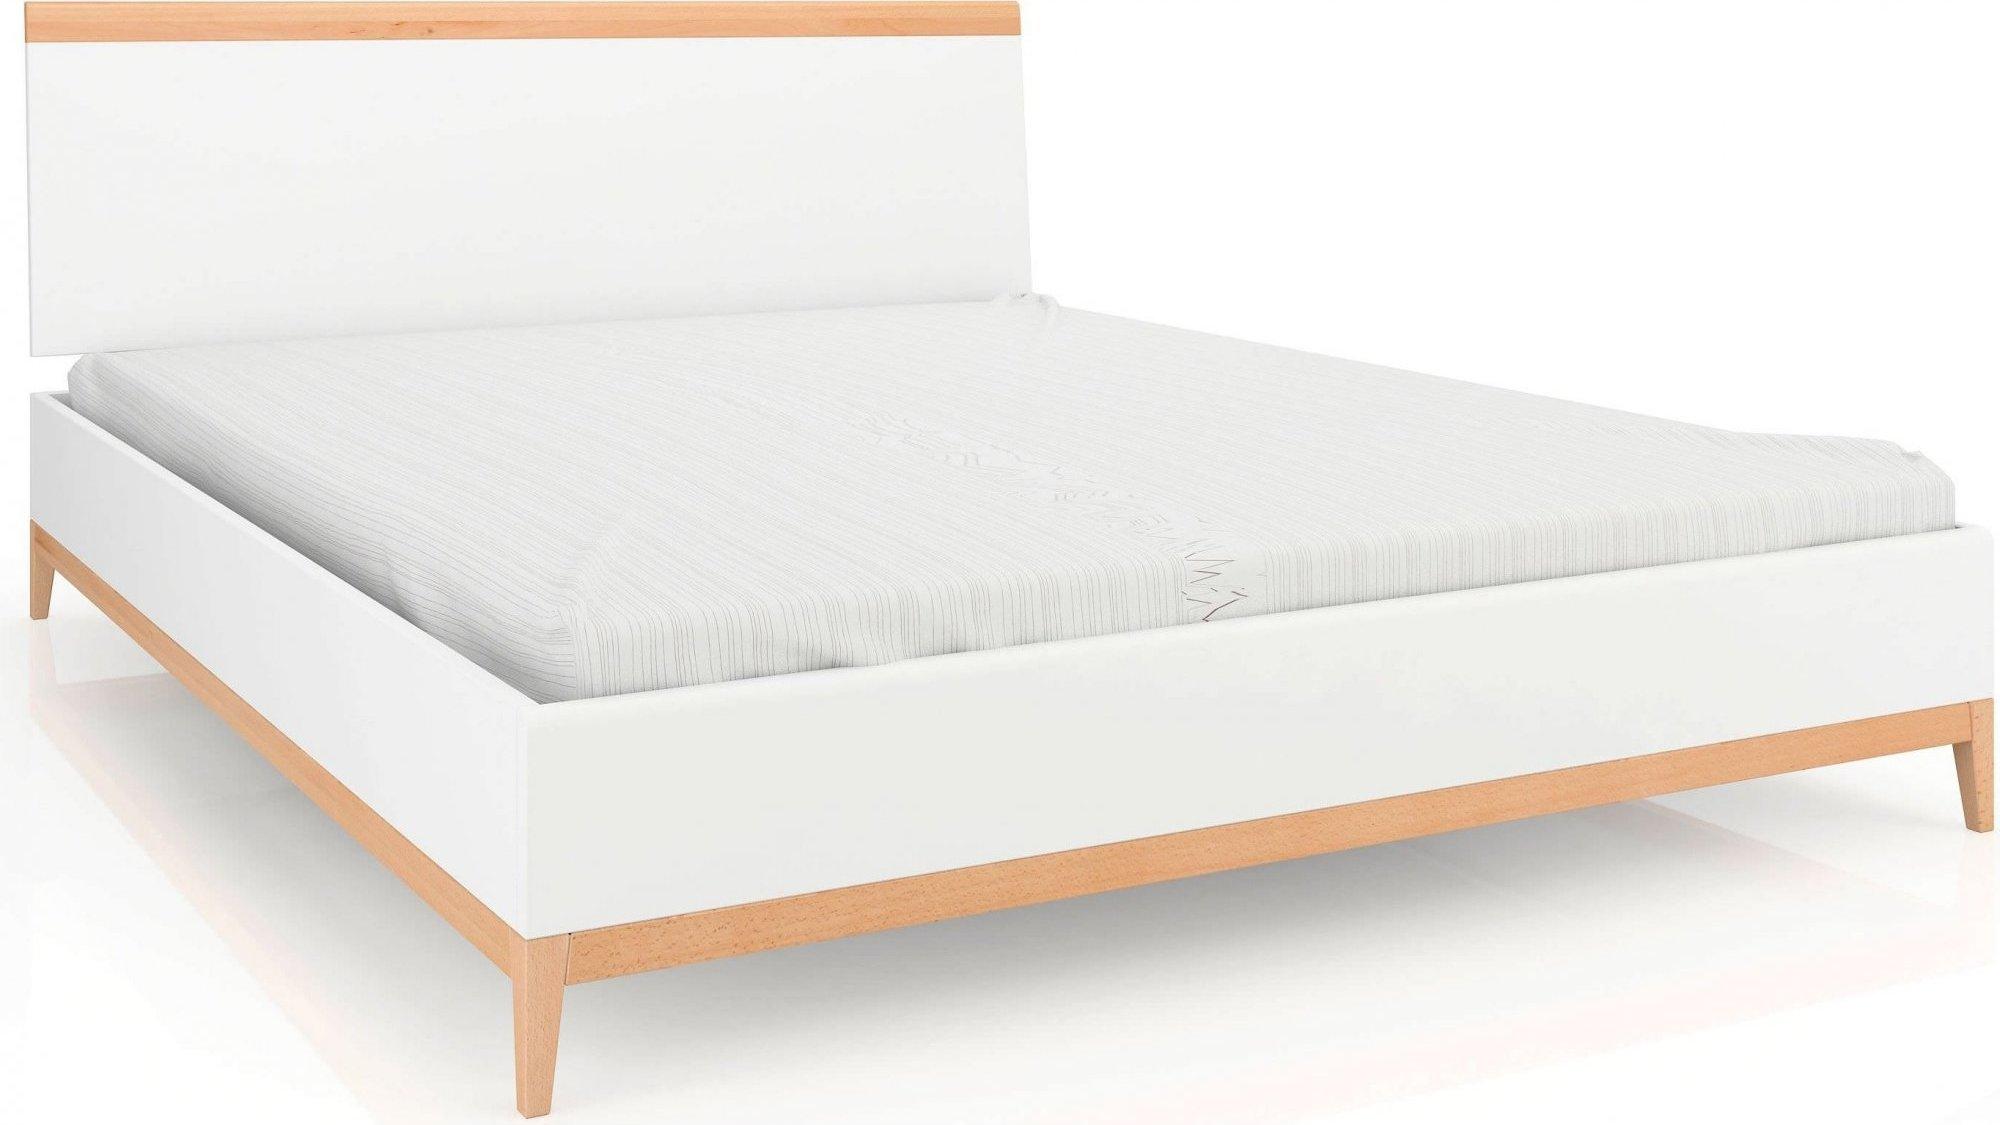 Lit avec tête de lit sommier massif clair blanc 200x200cm